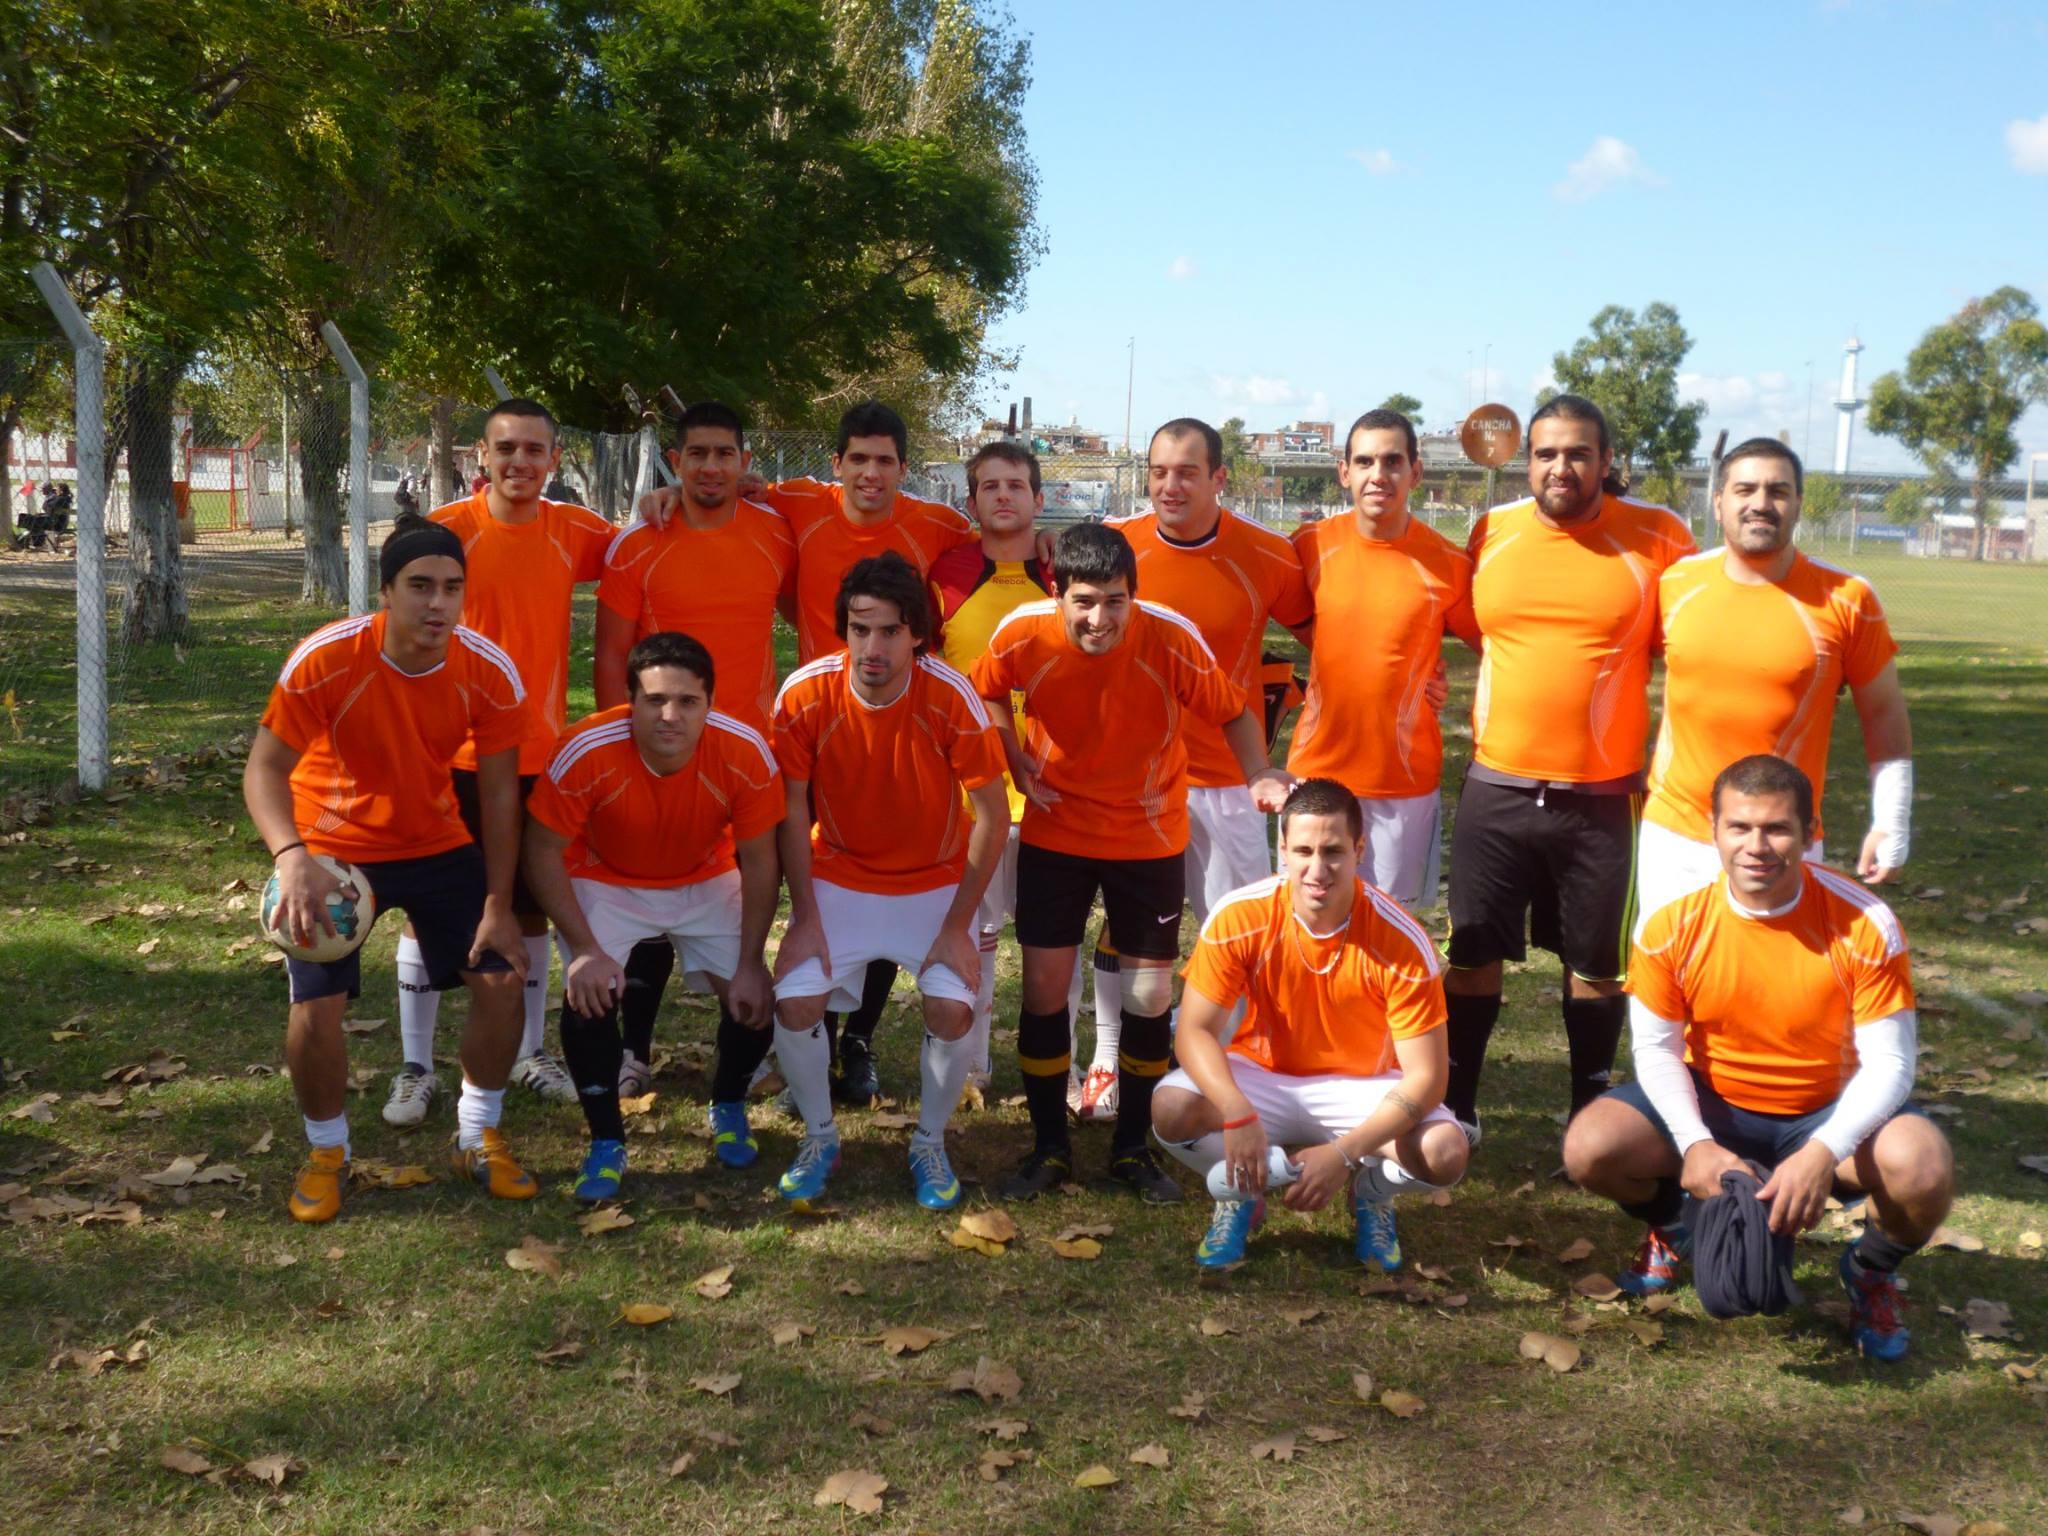 Leones empezó como un equipo de fútbol amateur y hoy apunta a transformarse en una institución. Un proyecto fuera de la común pero con un objetivo claro: que vuelvan los clubes de barrio.